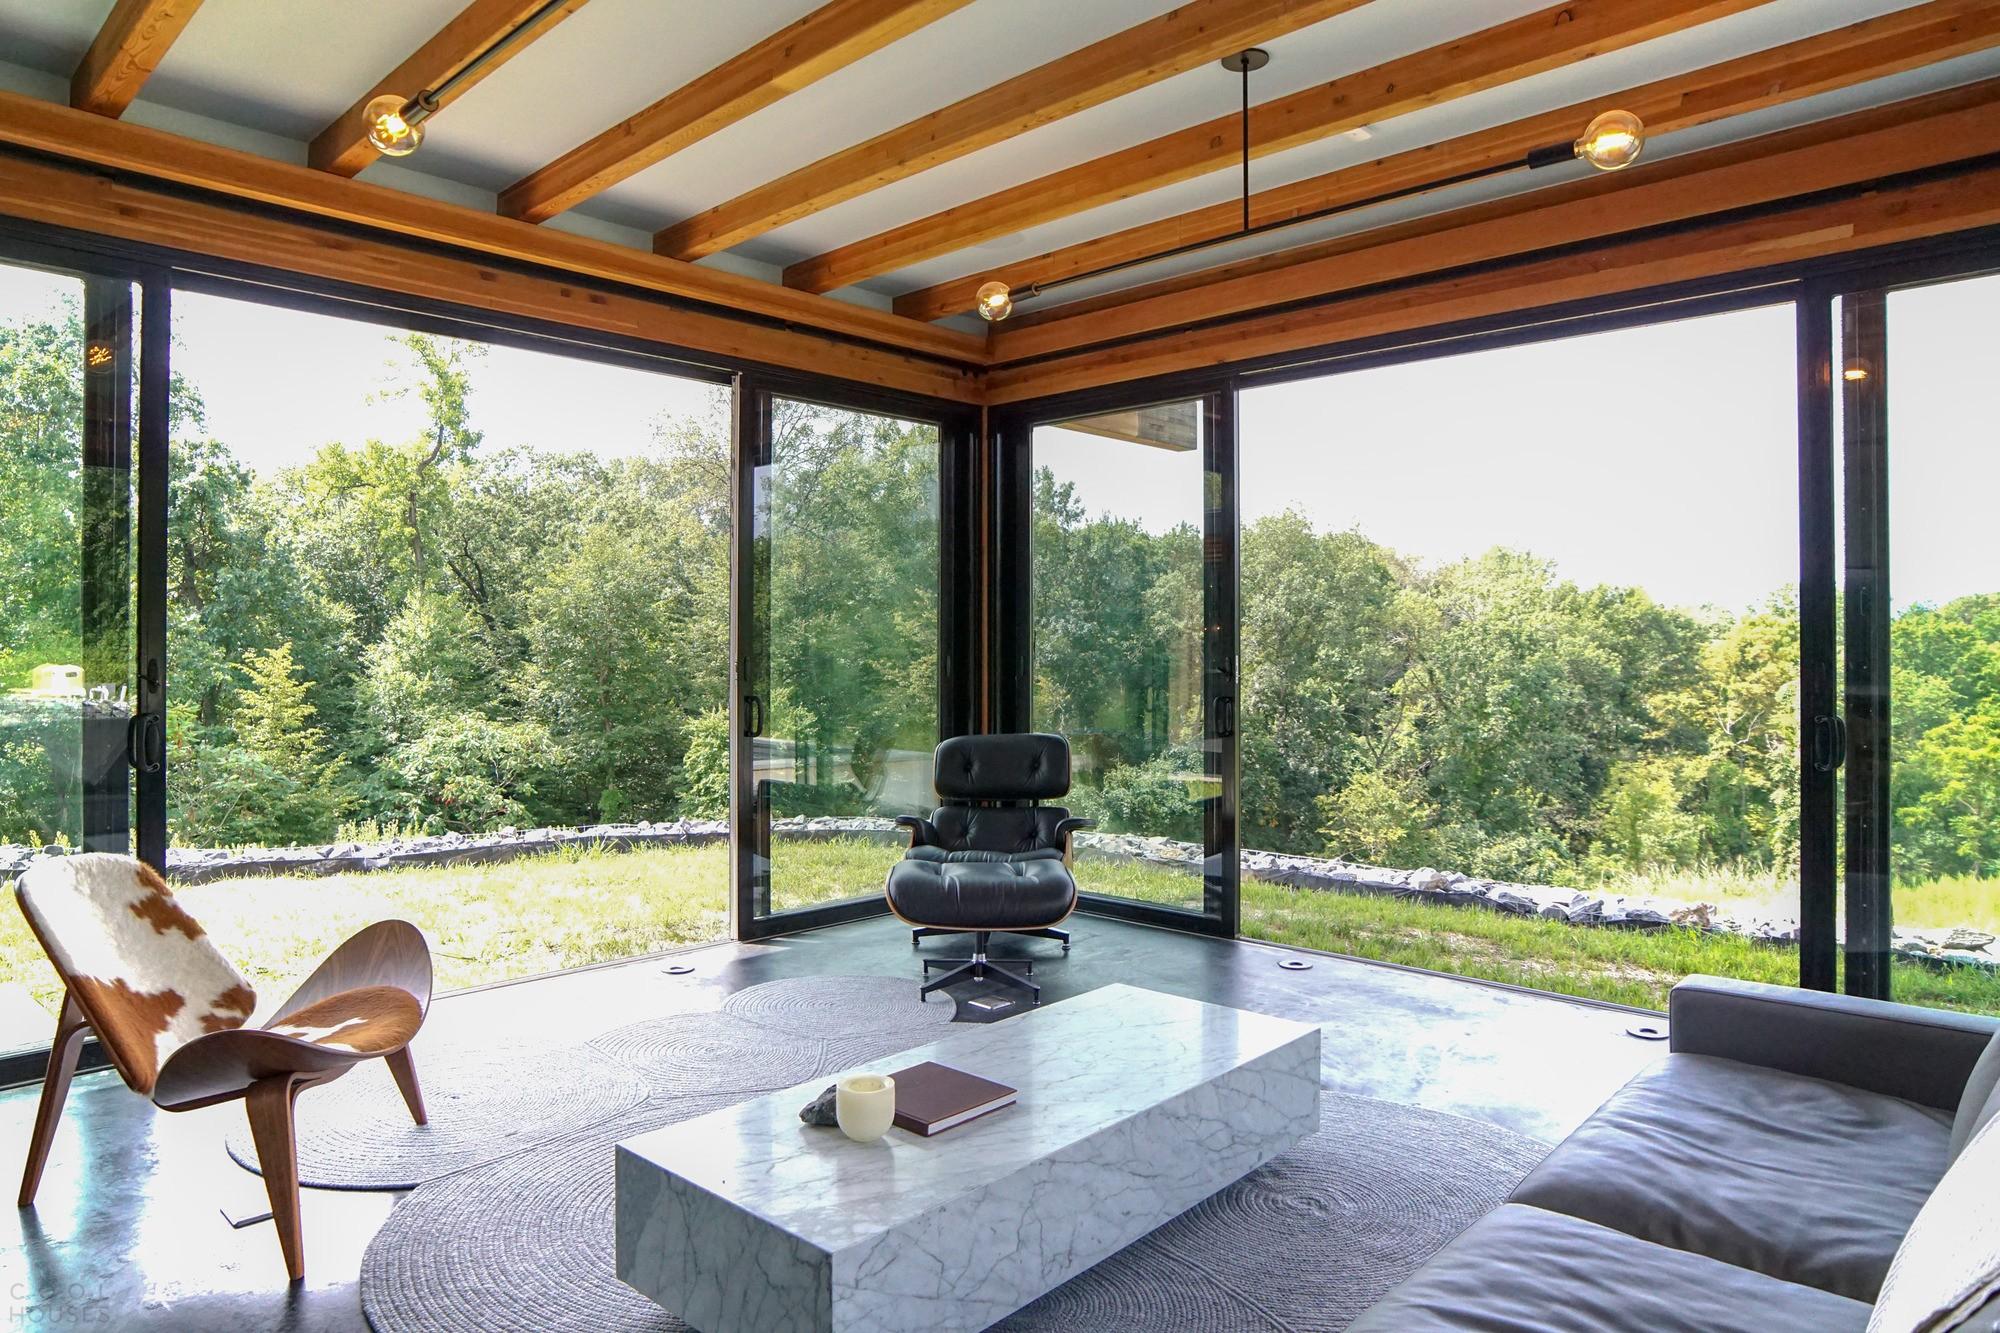 Современный стеклянный дом, сочетающий роскошь и деревенский шарм